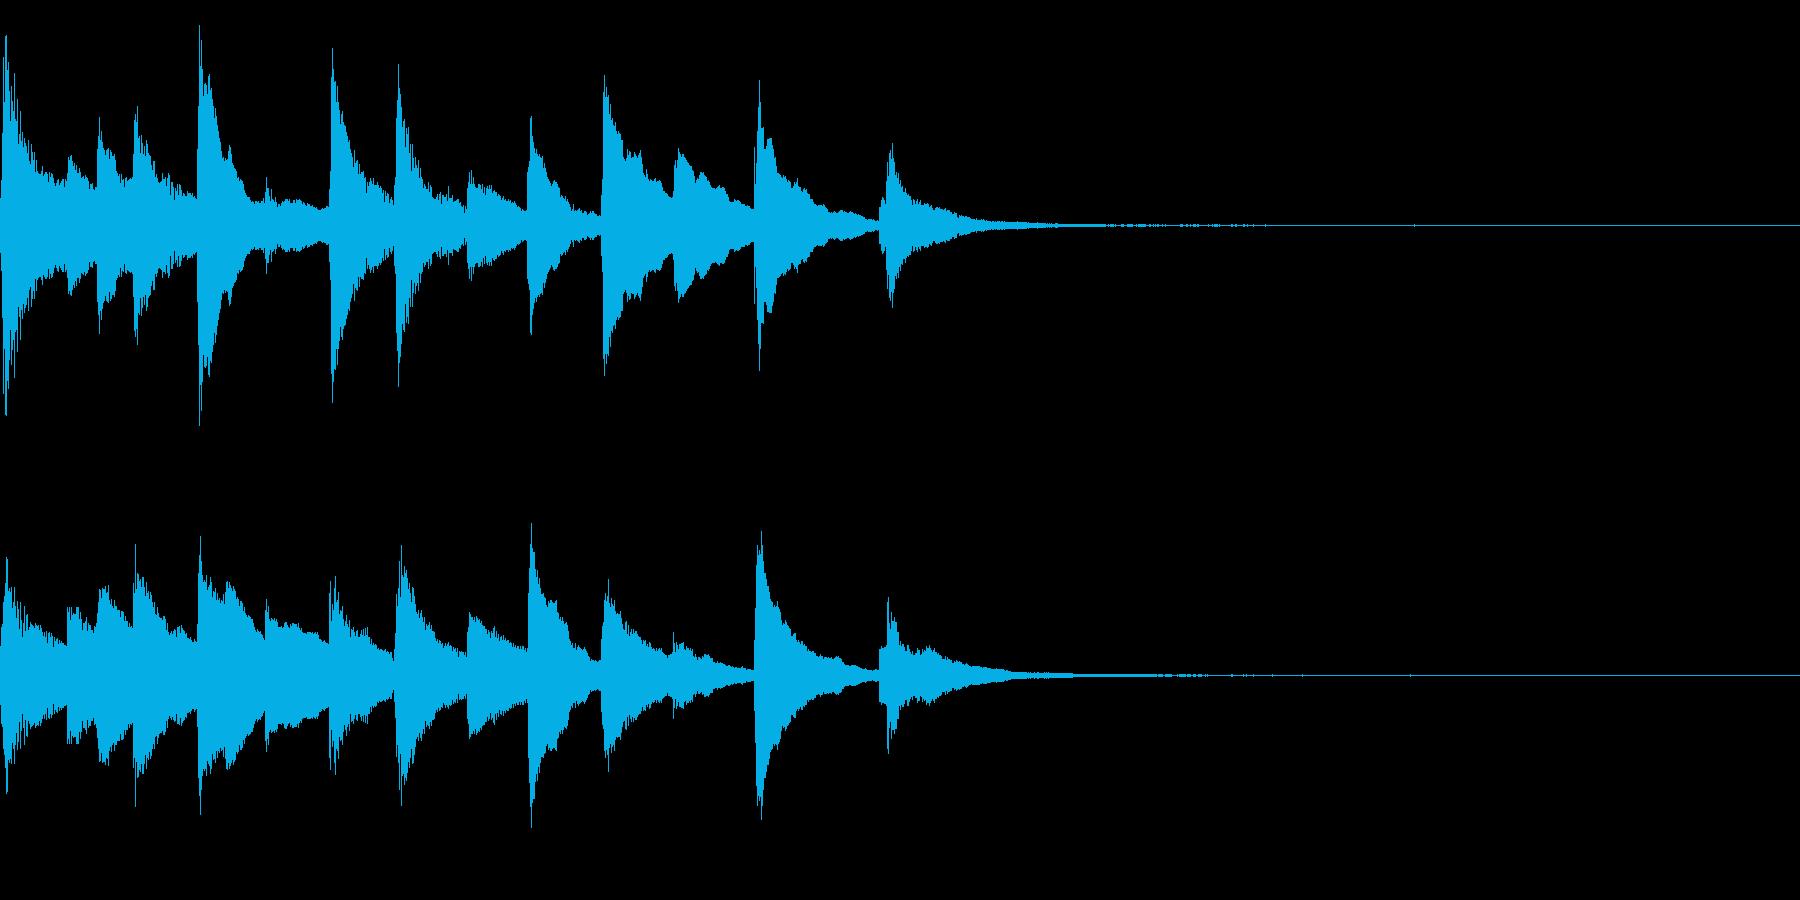 切ないピアノのジングル25の再生済みの波形